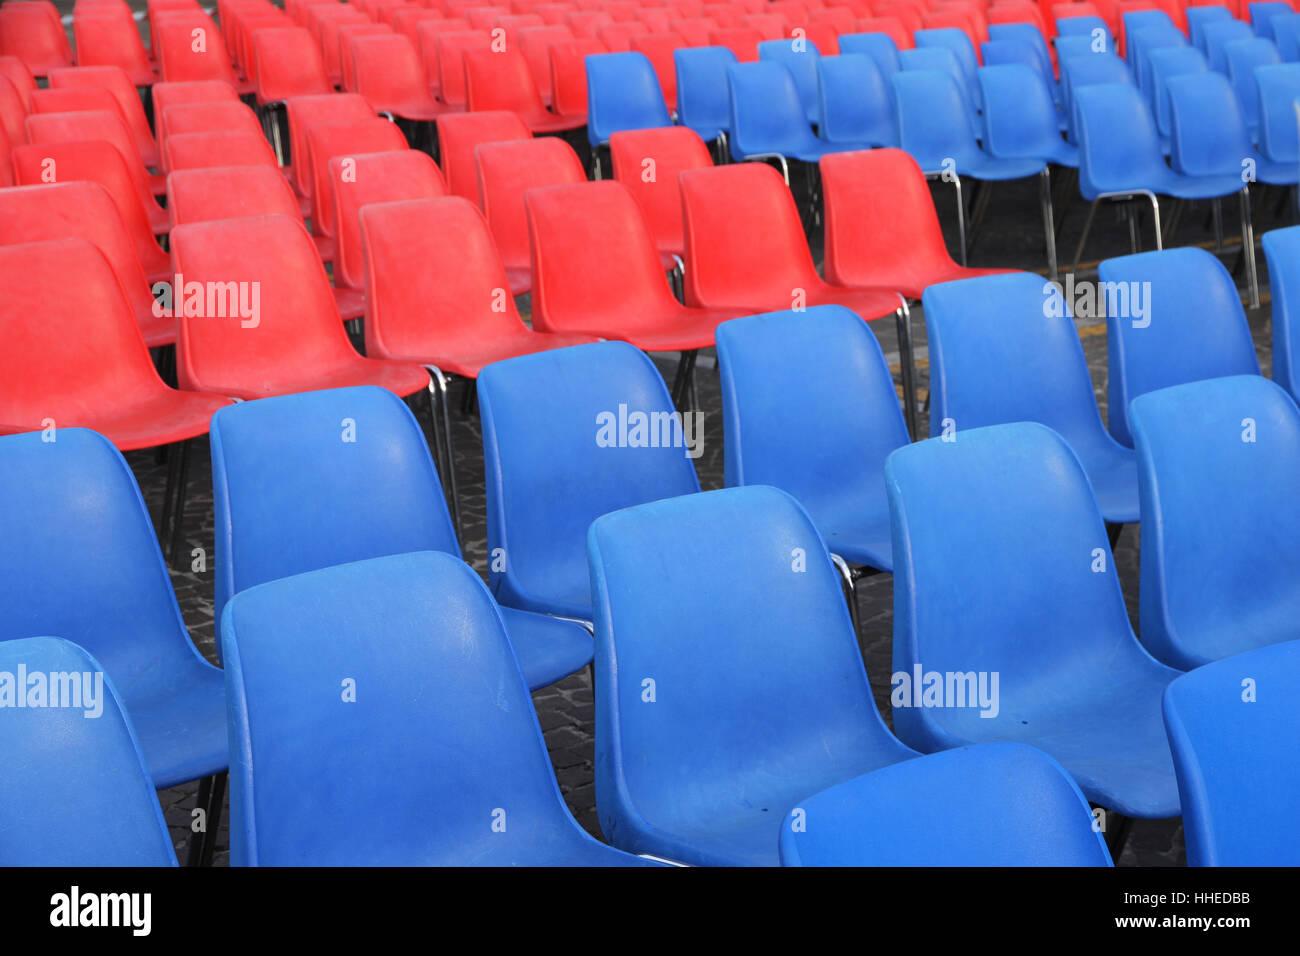 blau sthle event gemischt farbe stuhl farben farben - Stuhlfarben